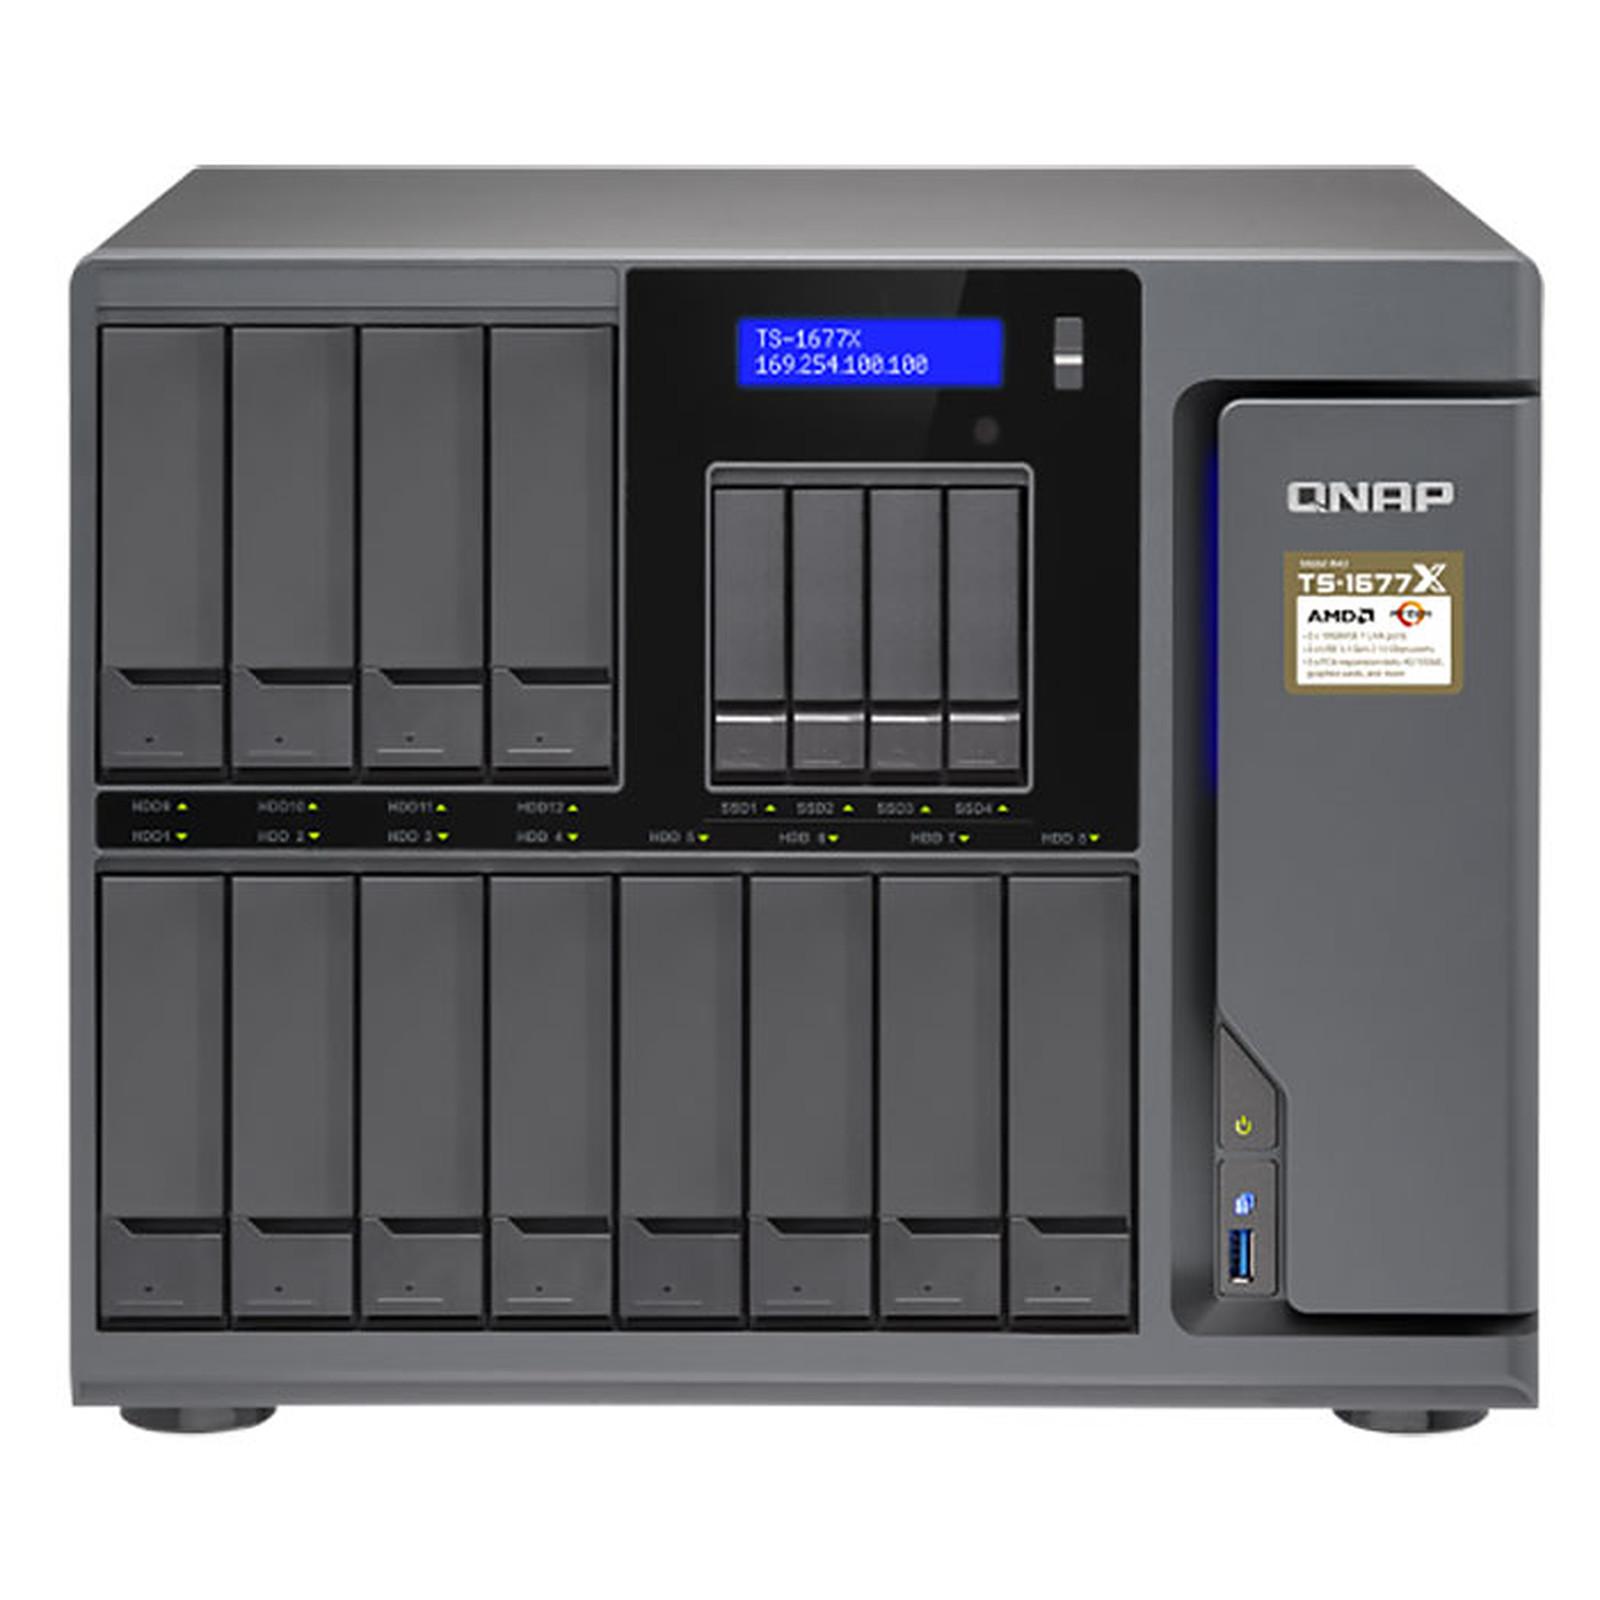 QNAP TS-1677X-1200-4G